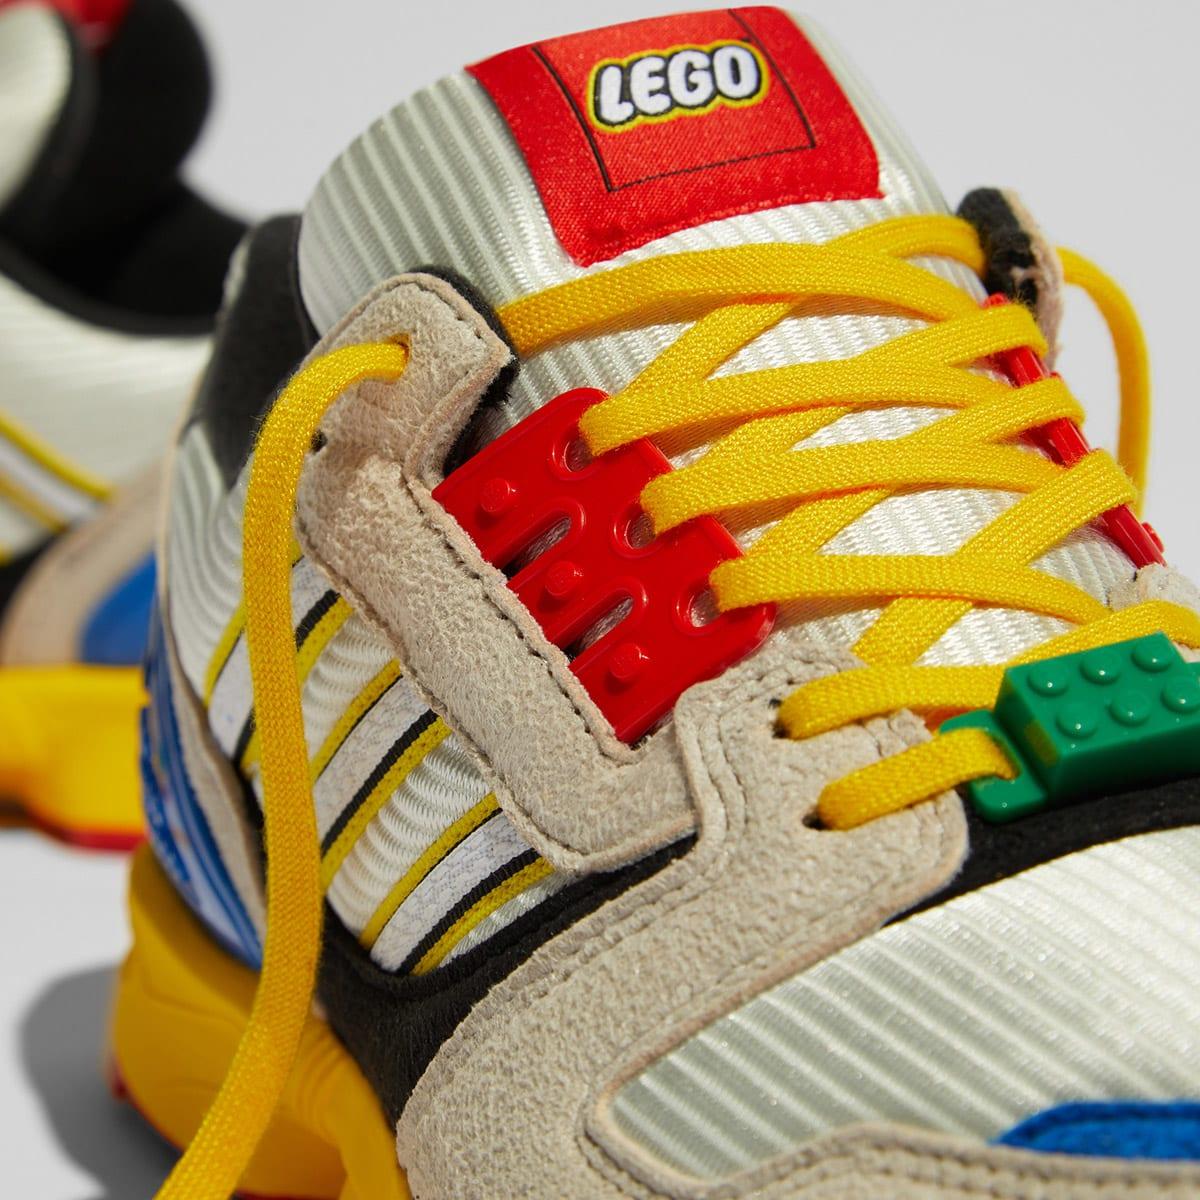 adidas x Lego A-ZX ZX8000 - FZ3482